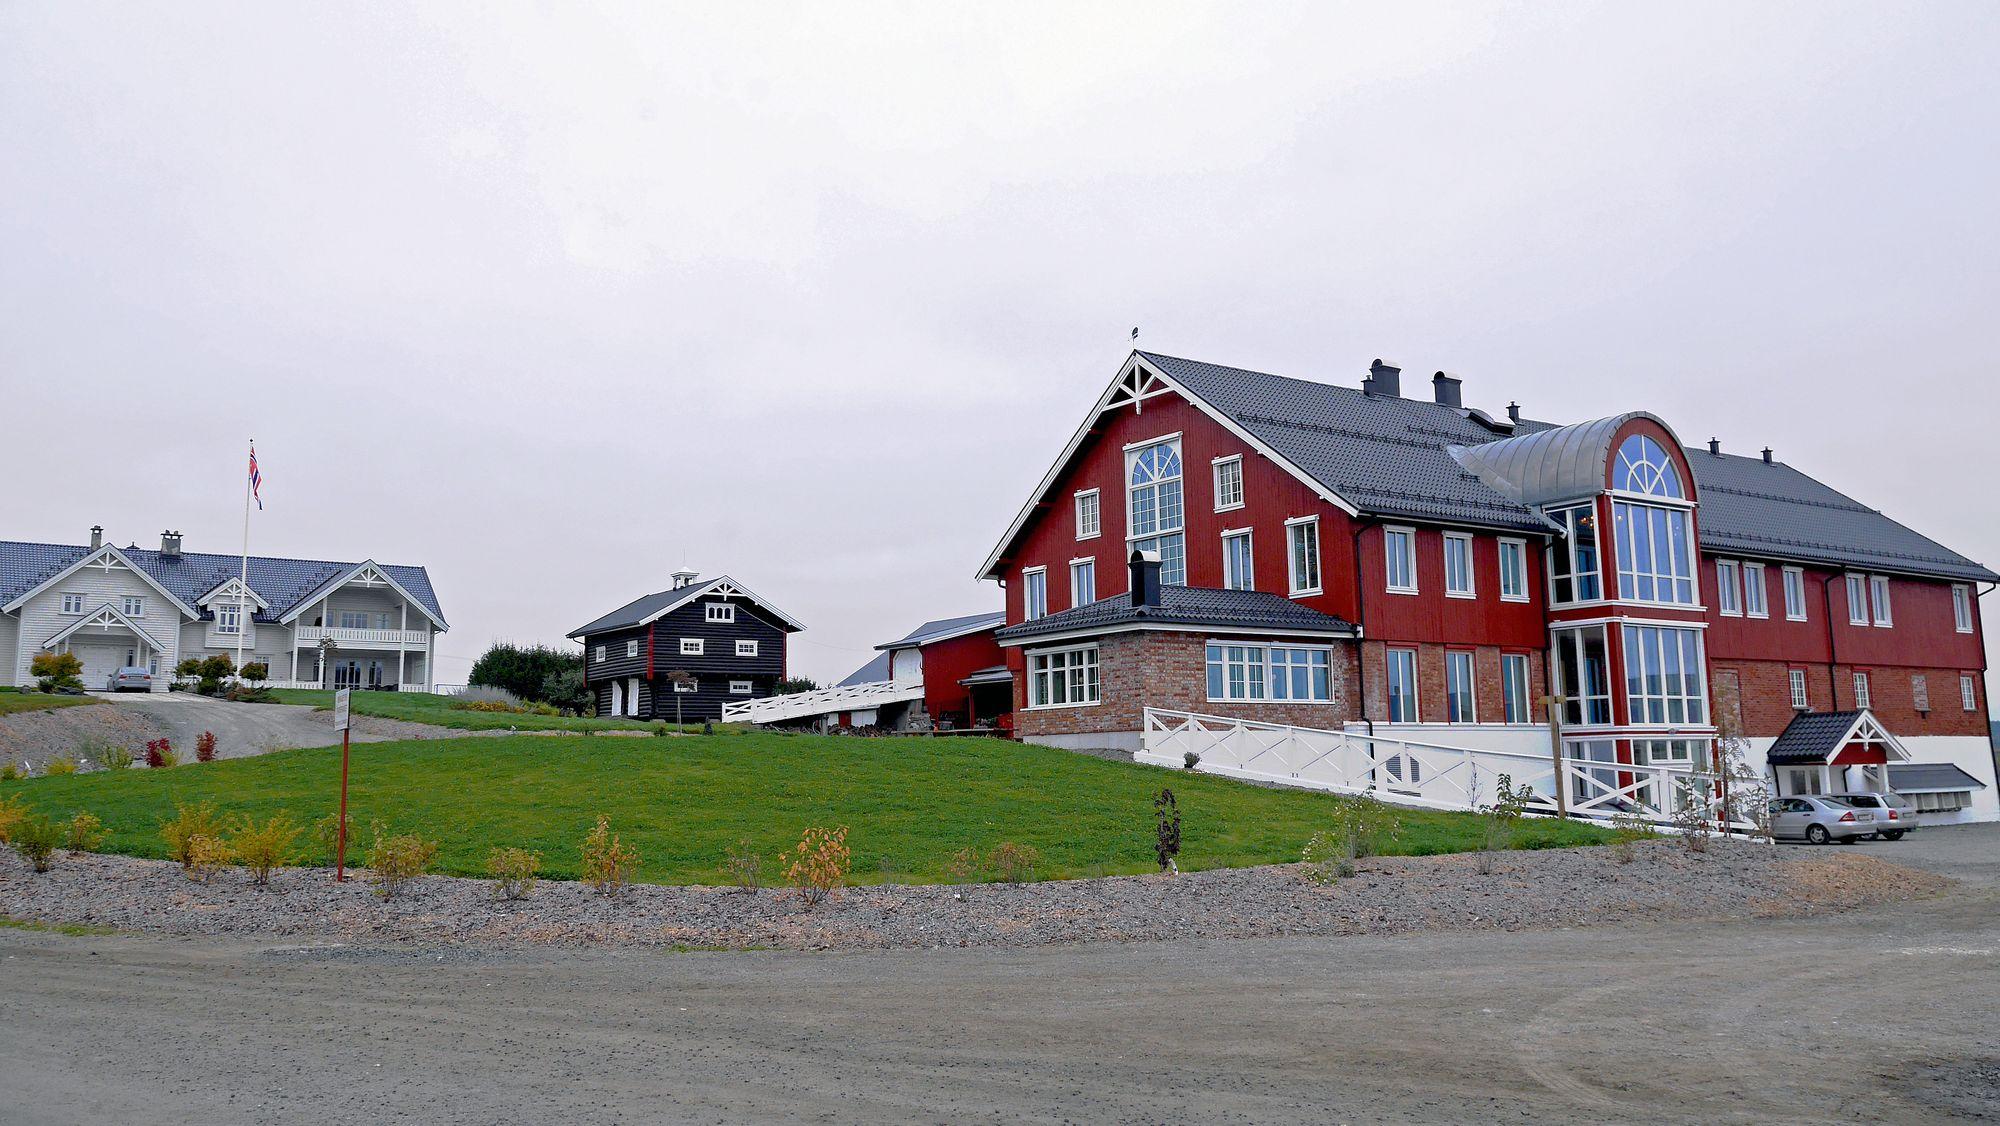 LÅVEN: I denne låven har ekteparet Kirkeby laget sitt eget konferansehotell. Til høyre for bygget er grisehuset med 1000 griser.